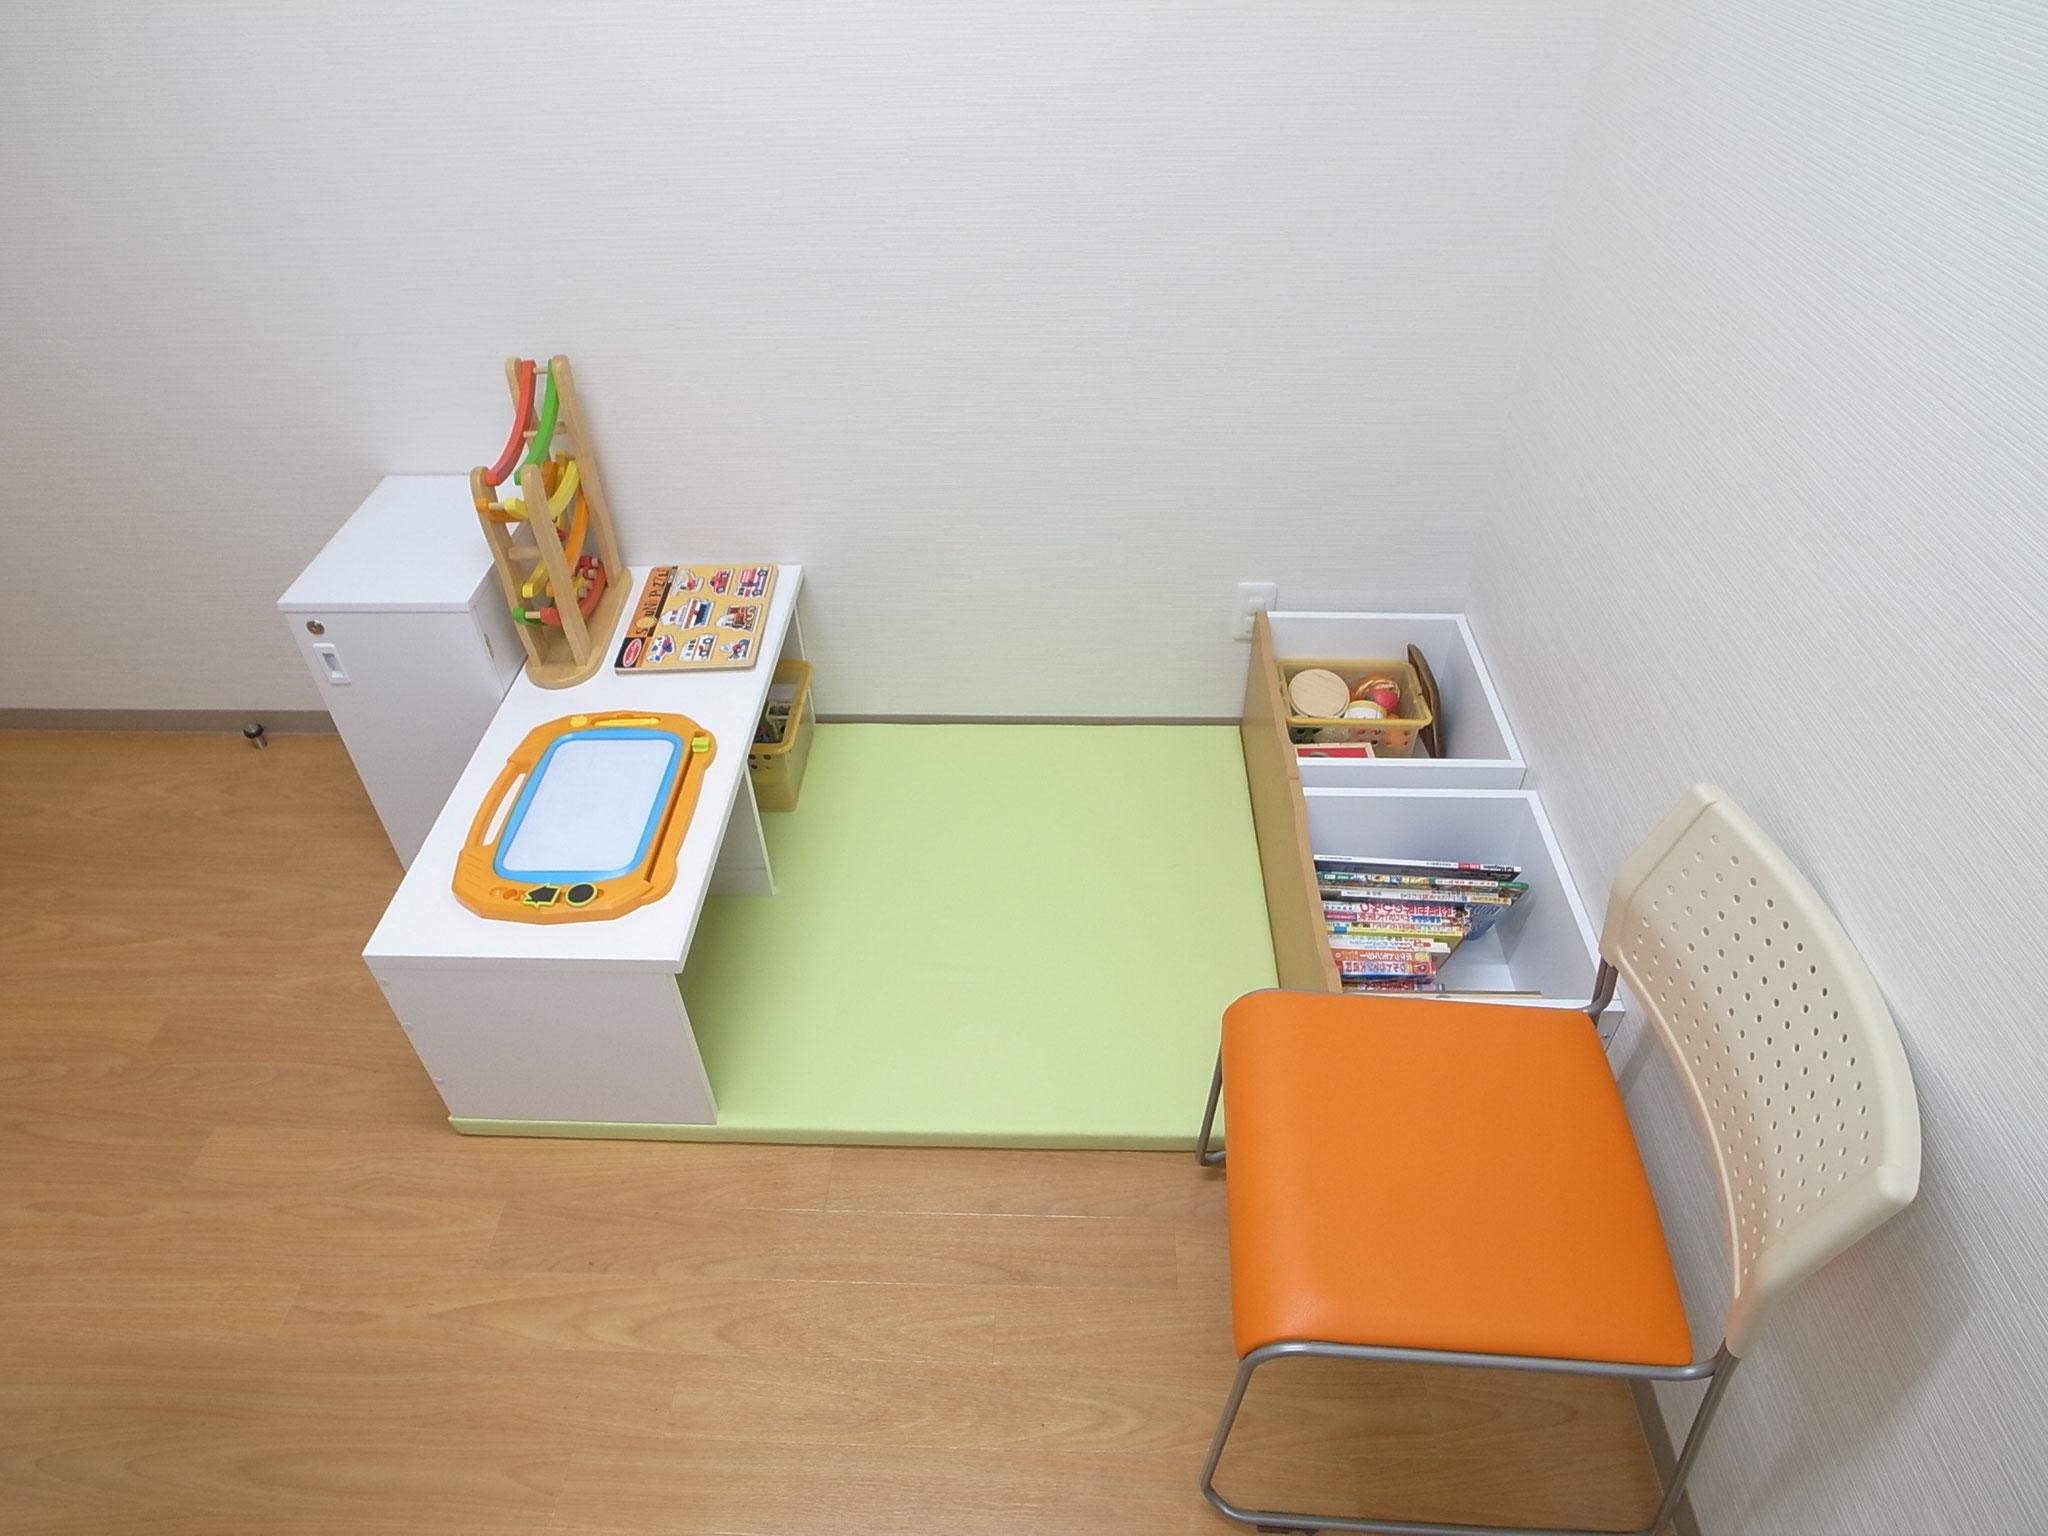 診察室1(プレイエリアはマットと玩具を用意しています)